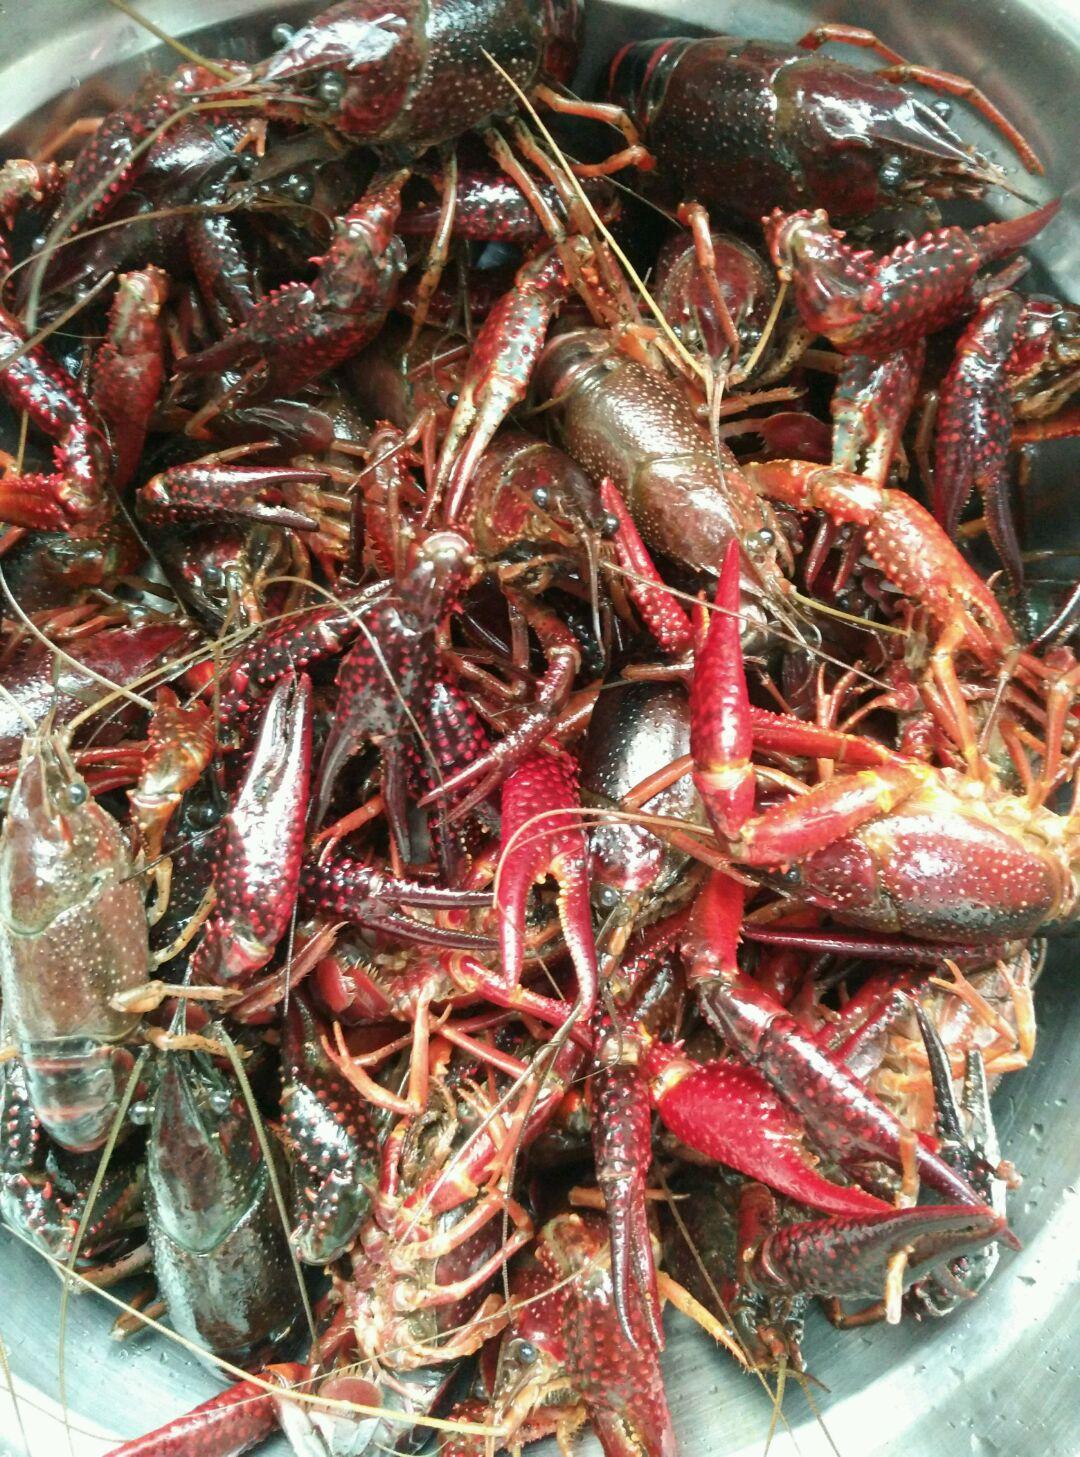 把所有的小龙虾都清理干净,倒在盆里再冲洗两遍,捞出沥干水分